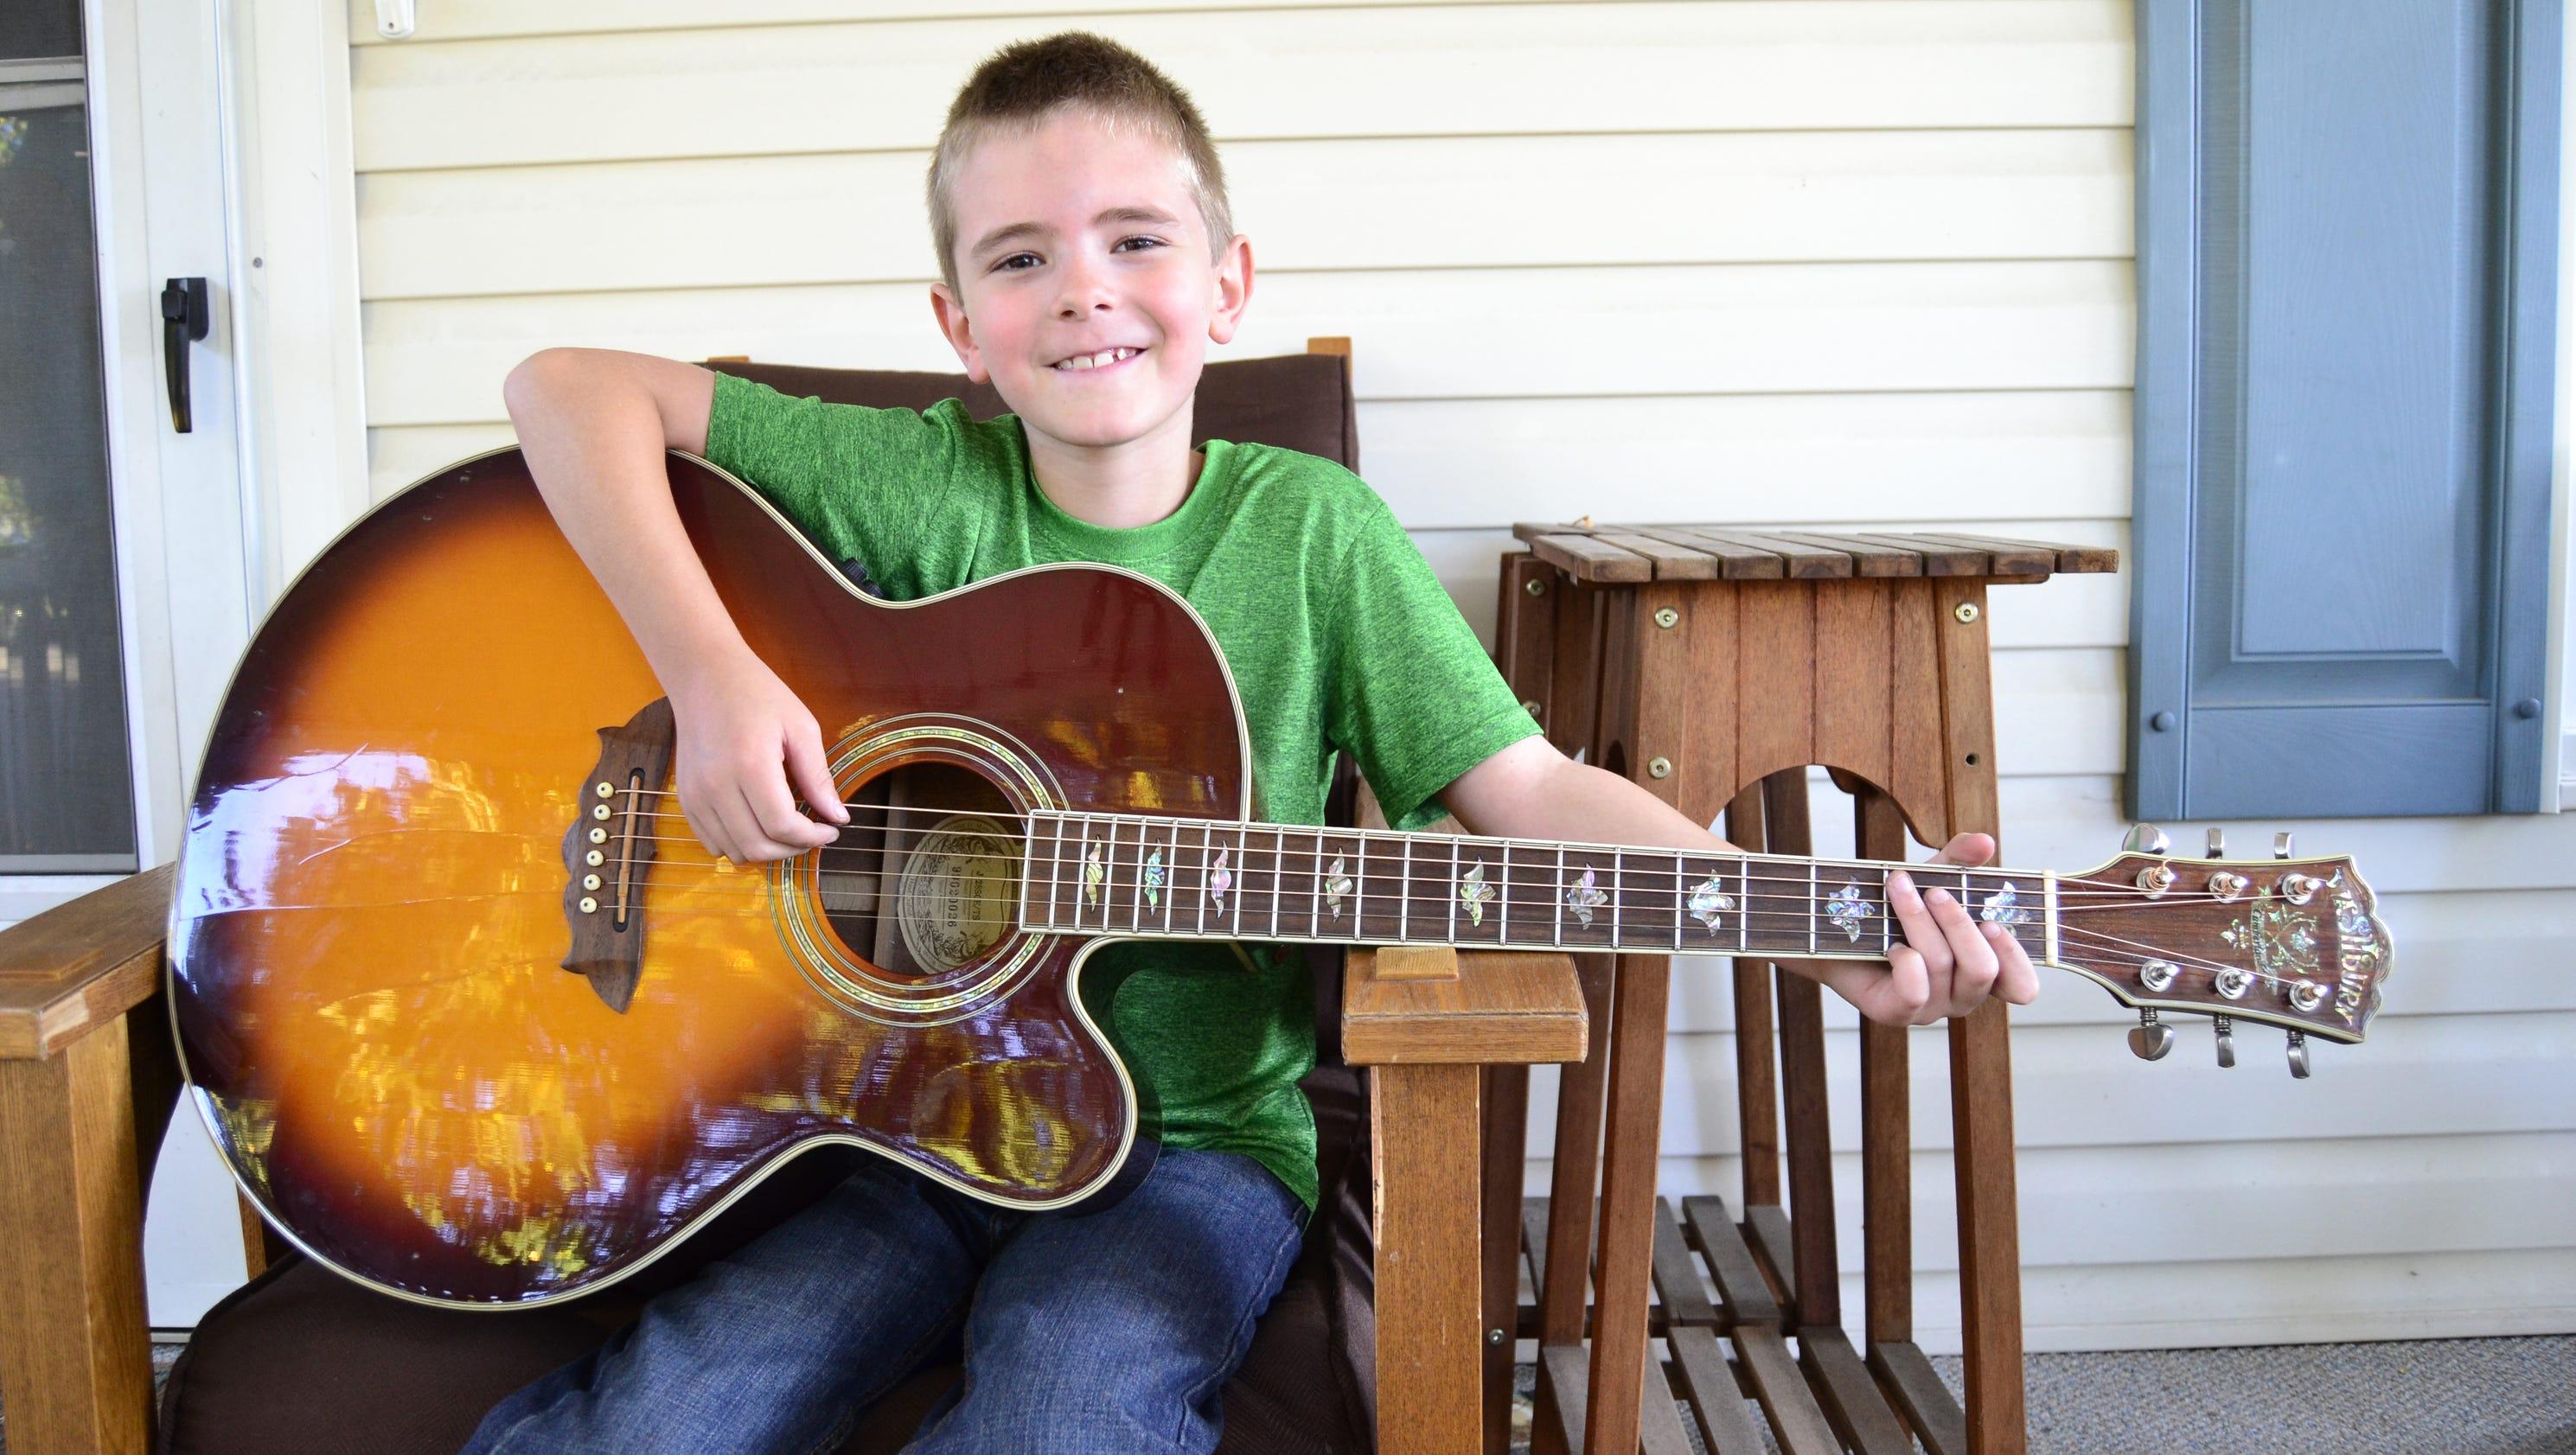 Guitar For 5 Year Old : guitar talent opens doors for endicott 7 year old ~ Russianpoet.info Haus und Dekorationen